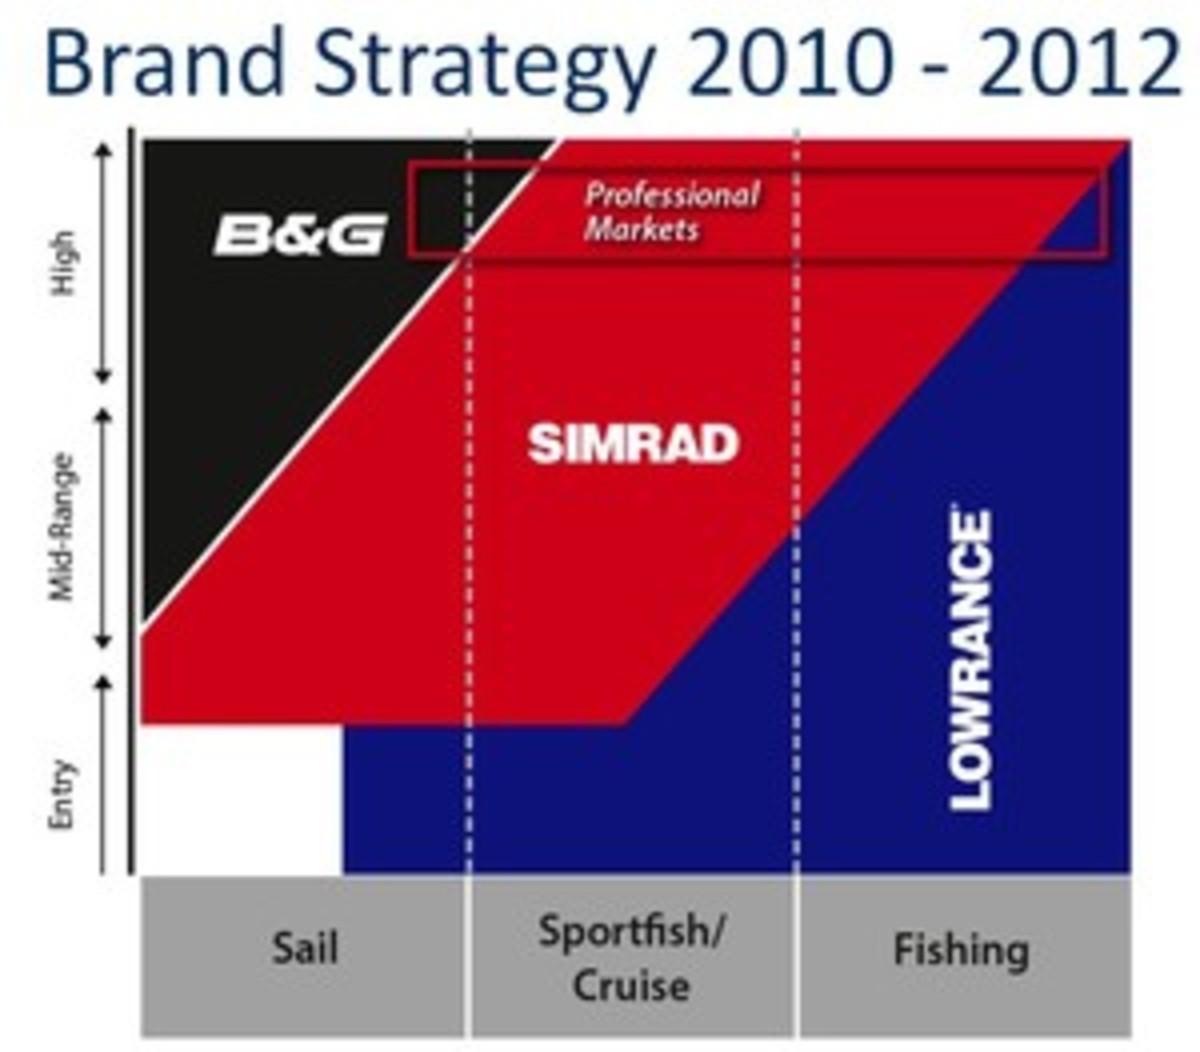 Navico_brand_strategy_2010-12.jpg